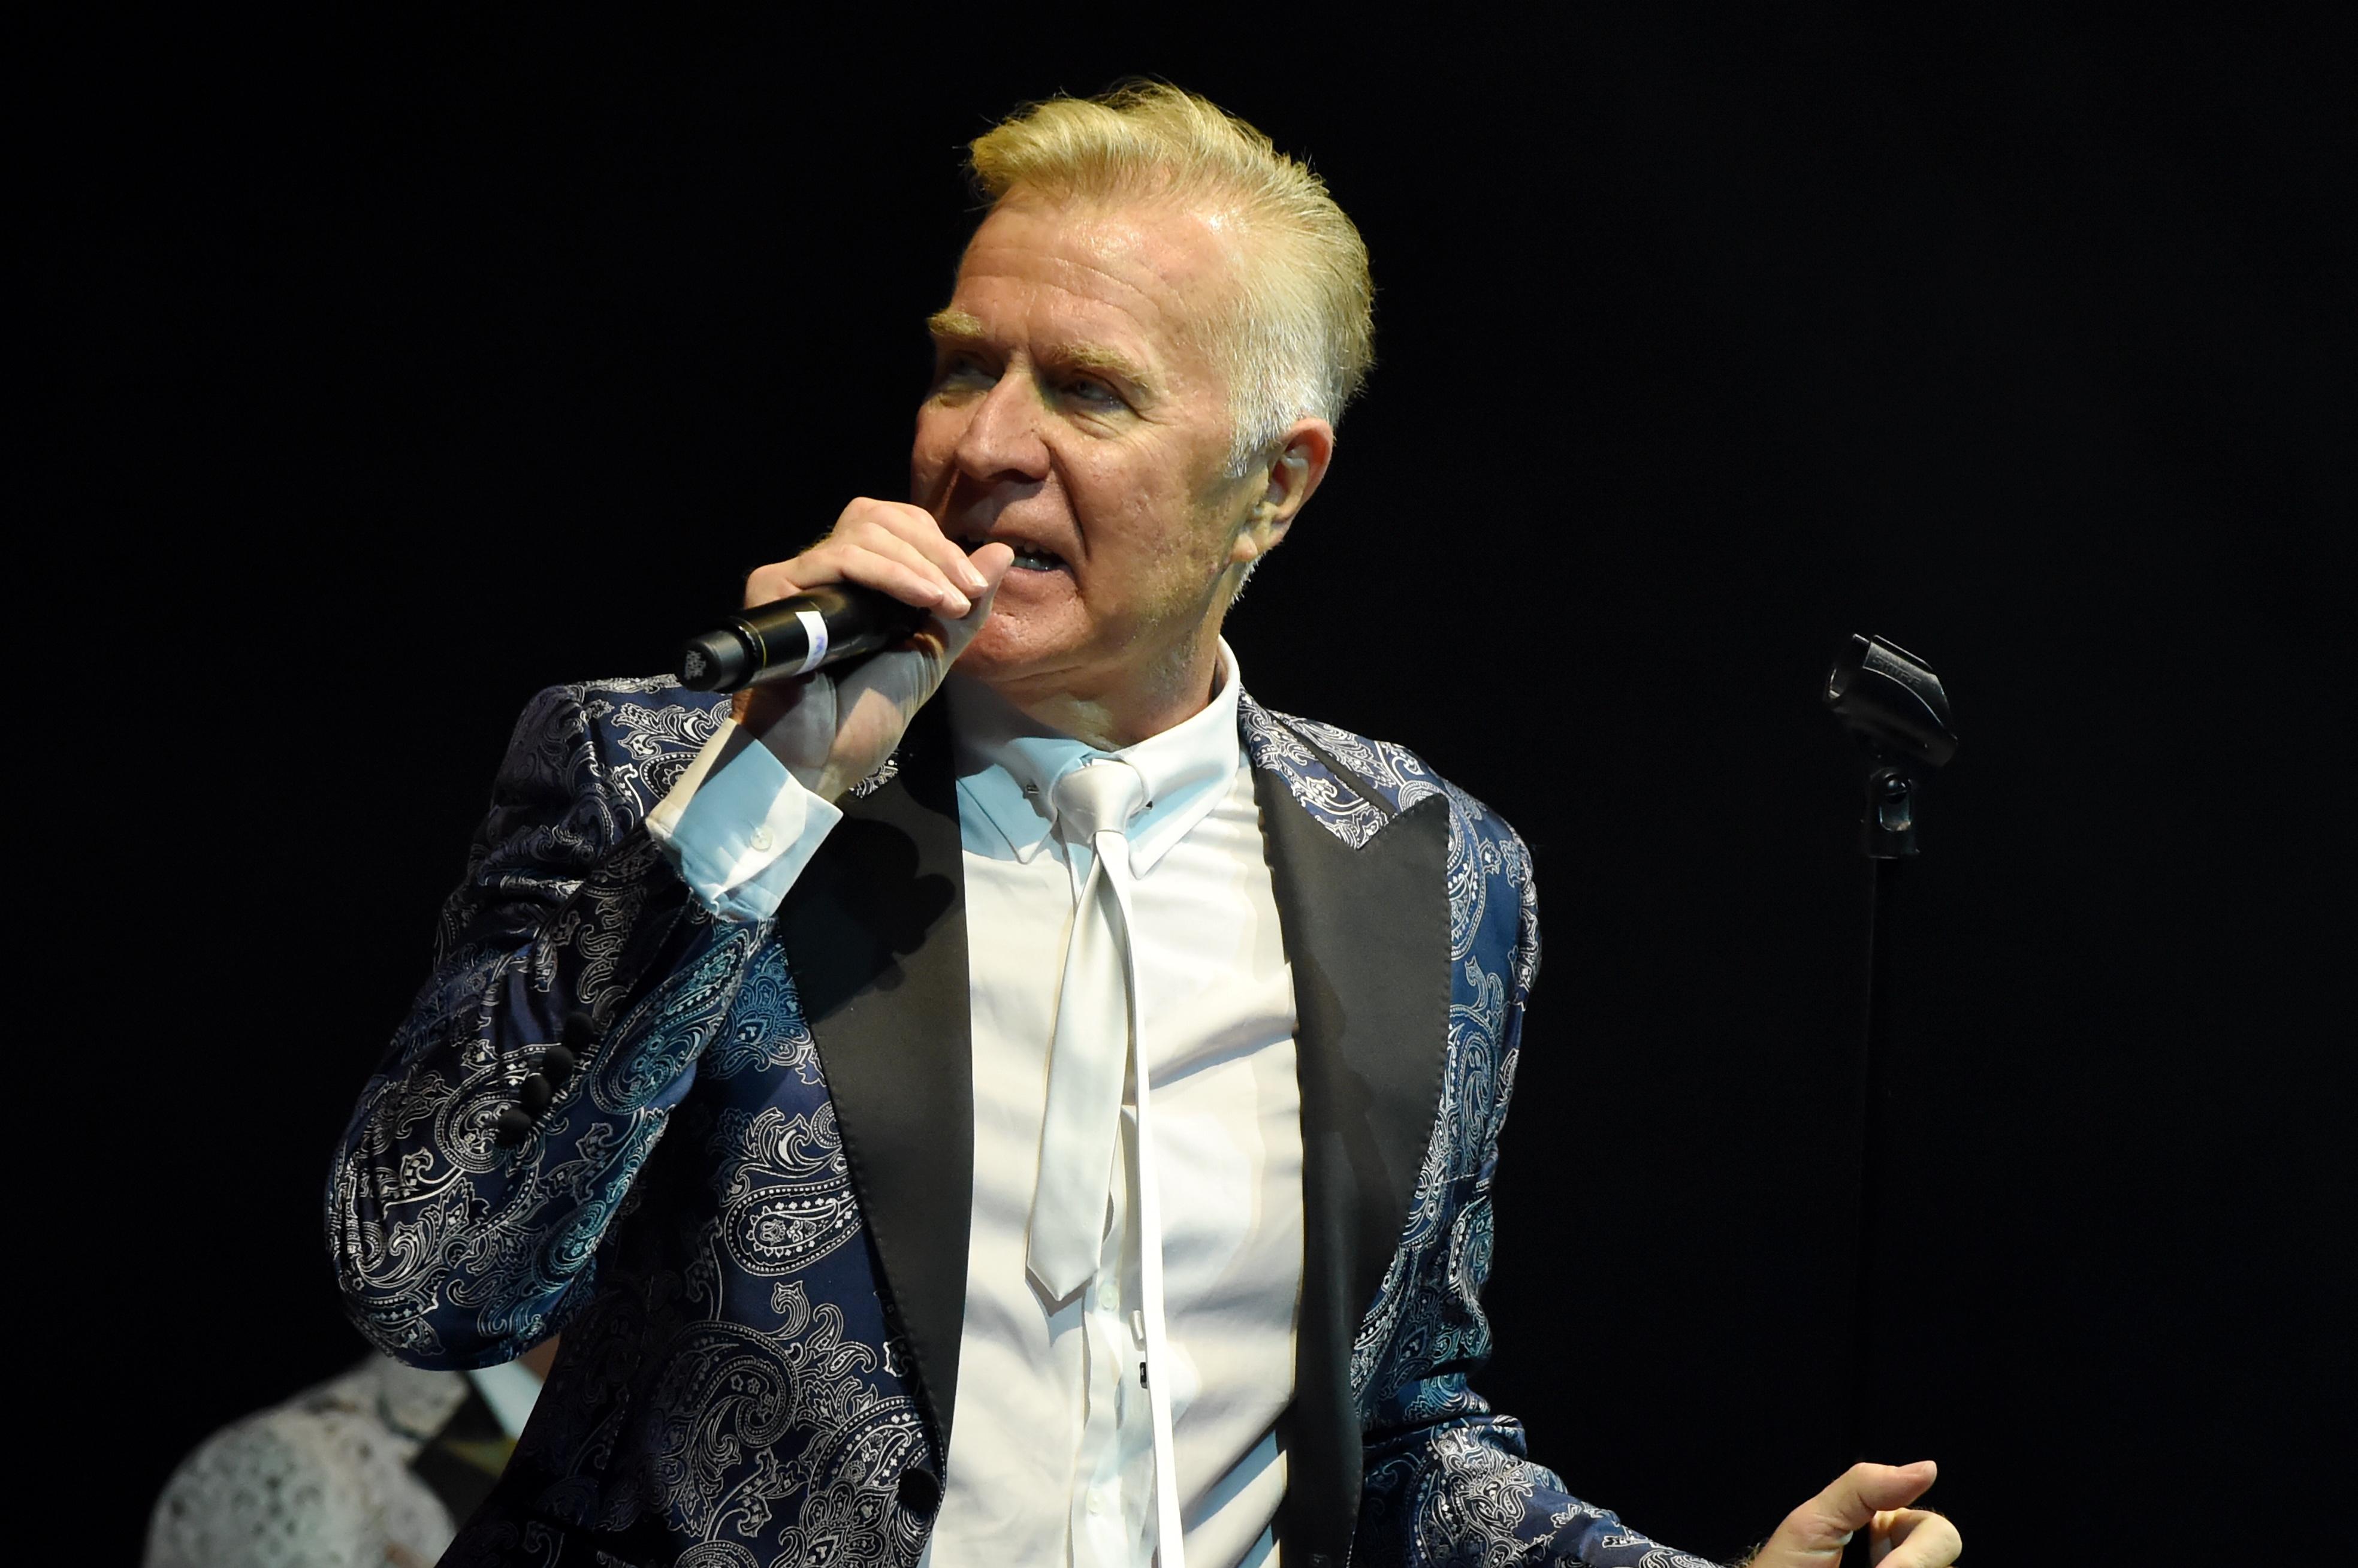 Martin Fry - Singer Songwriter